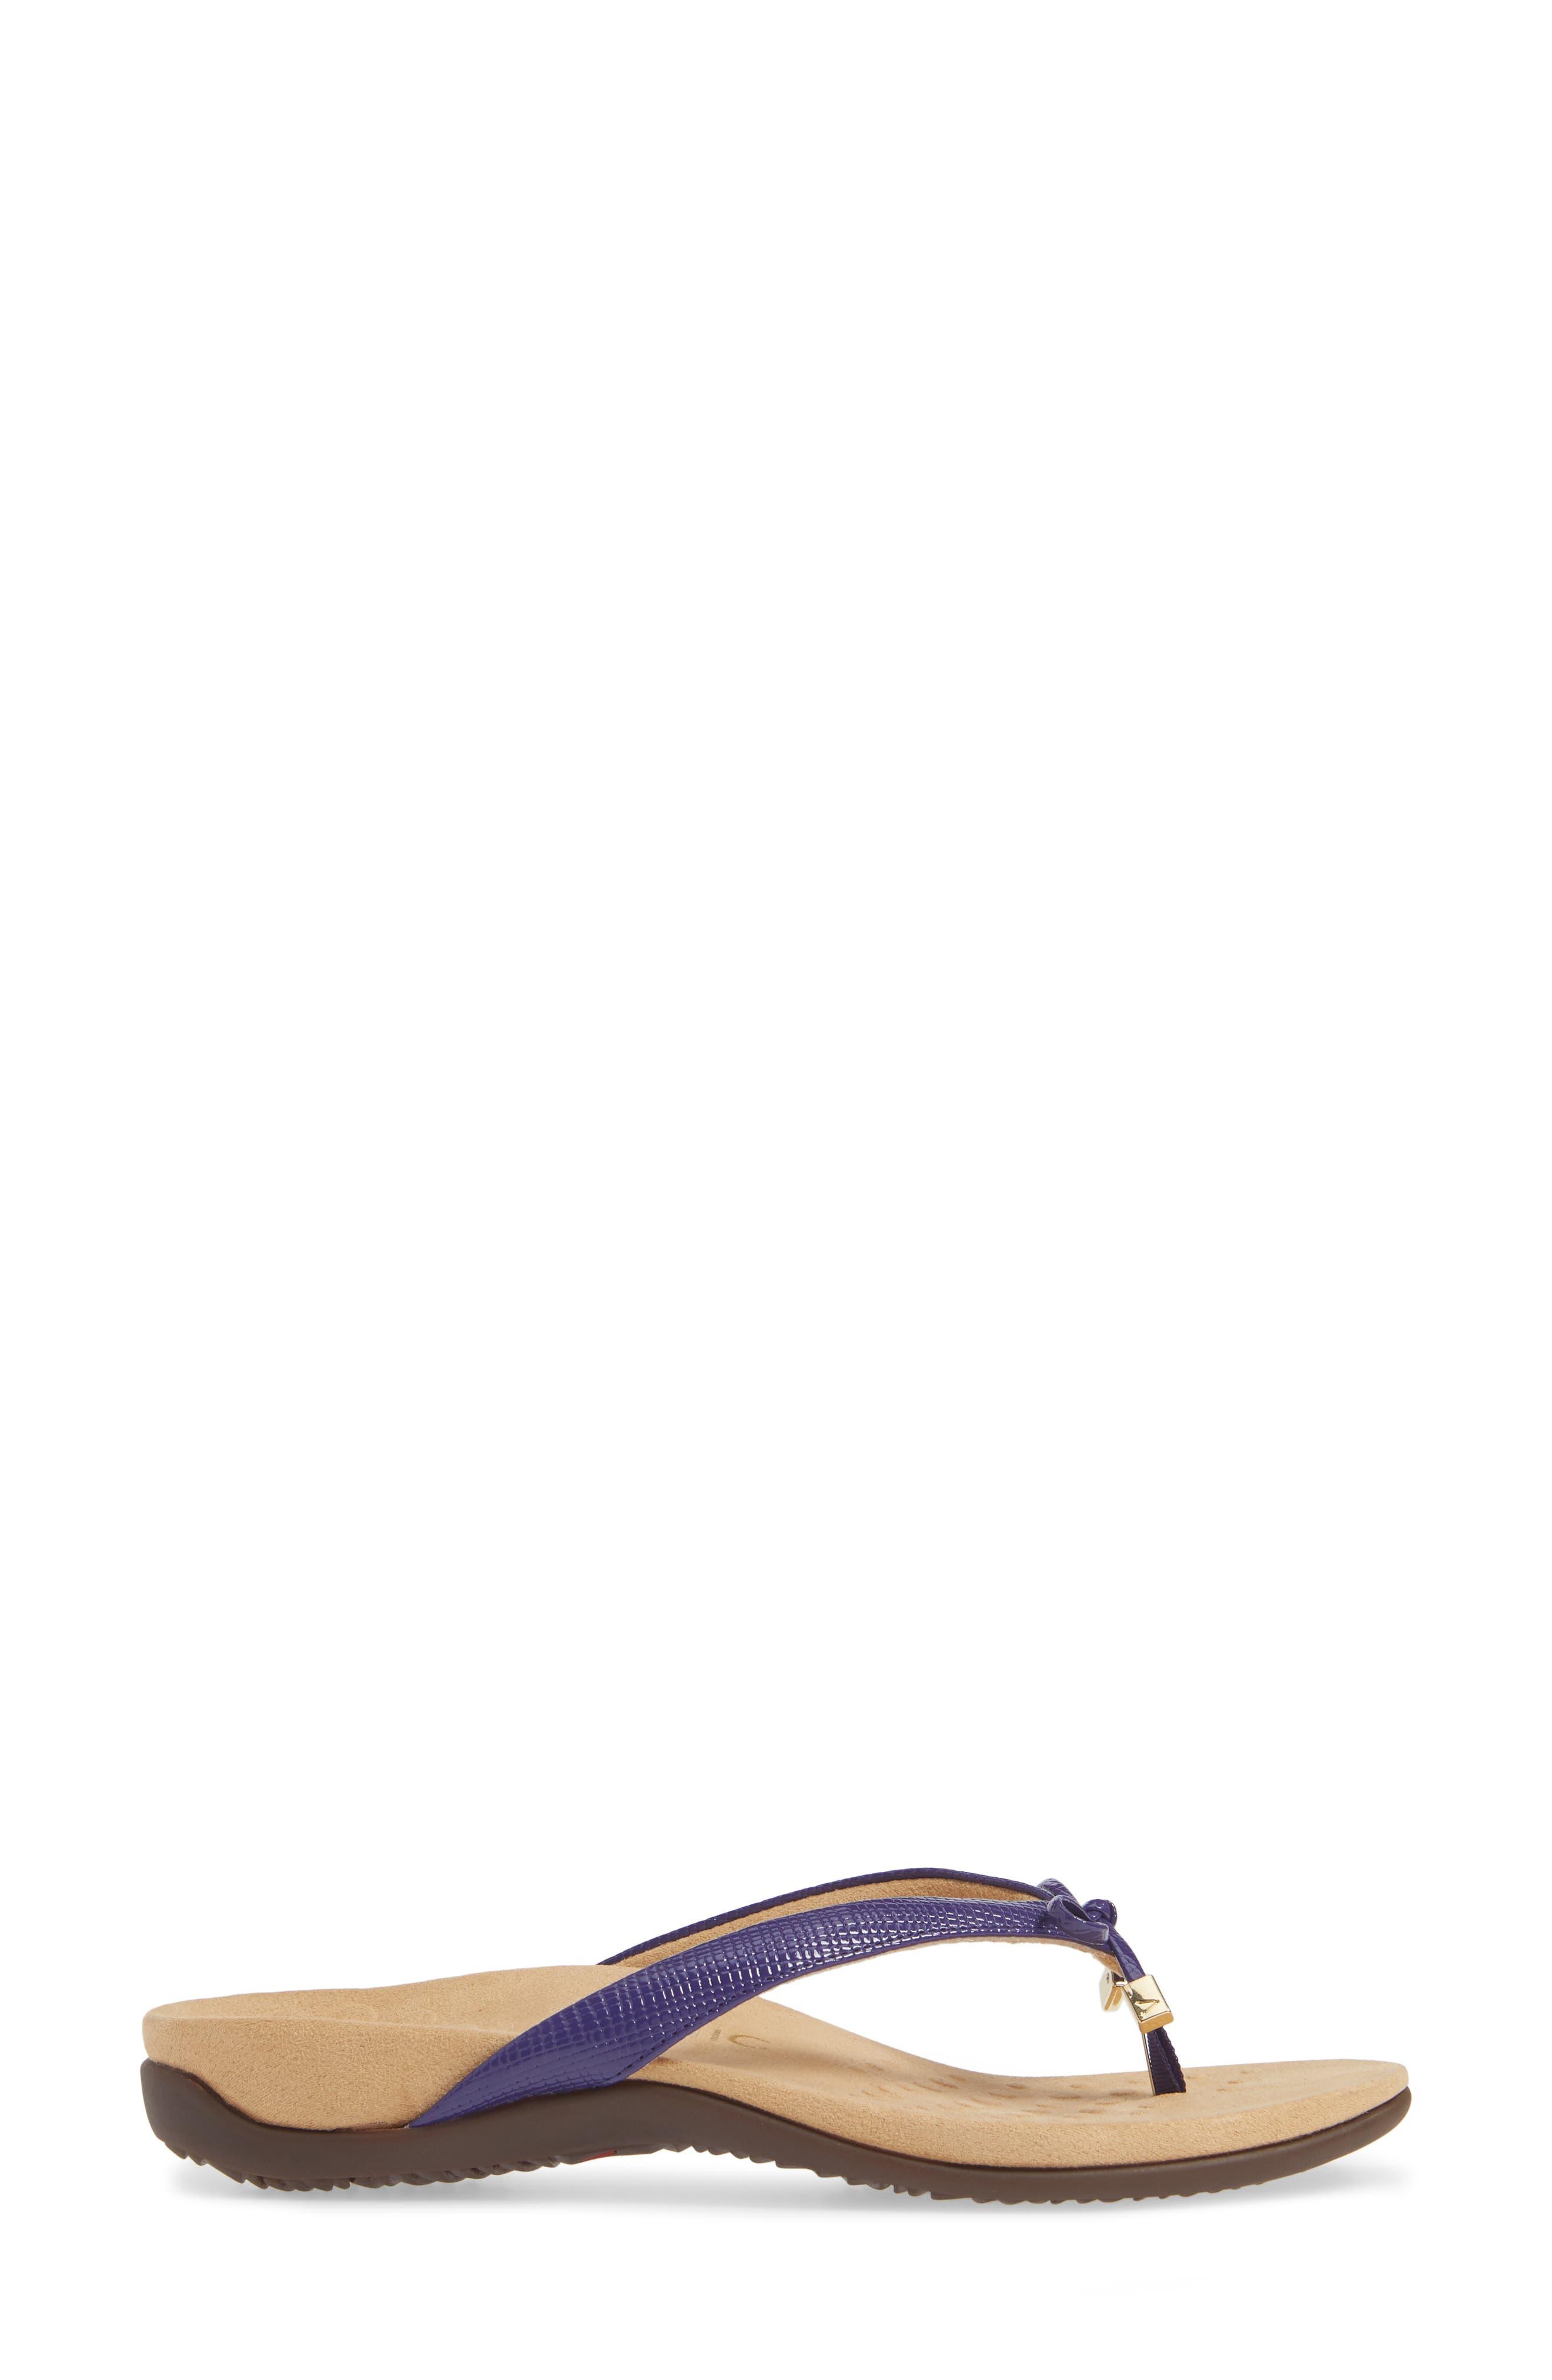 Bella Flip Flop,                             Alternate thumbnail 3, color,                             PURPLE FAUX LEATHER